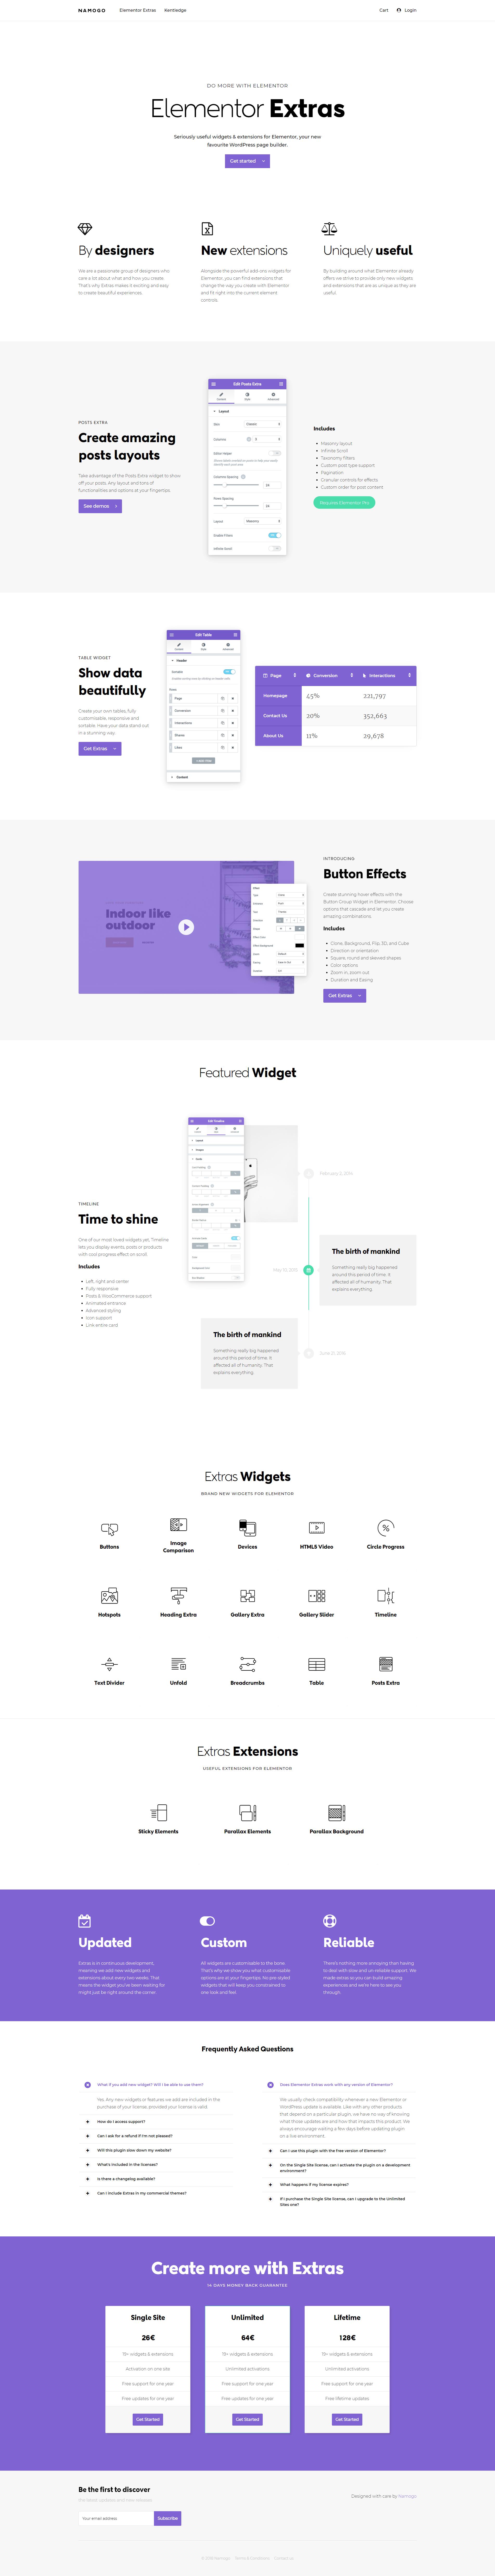 shop namogo com elementor-extras 01 | Web Design 2018 | Web